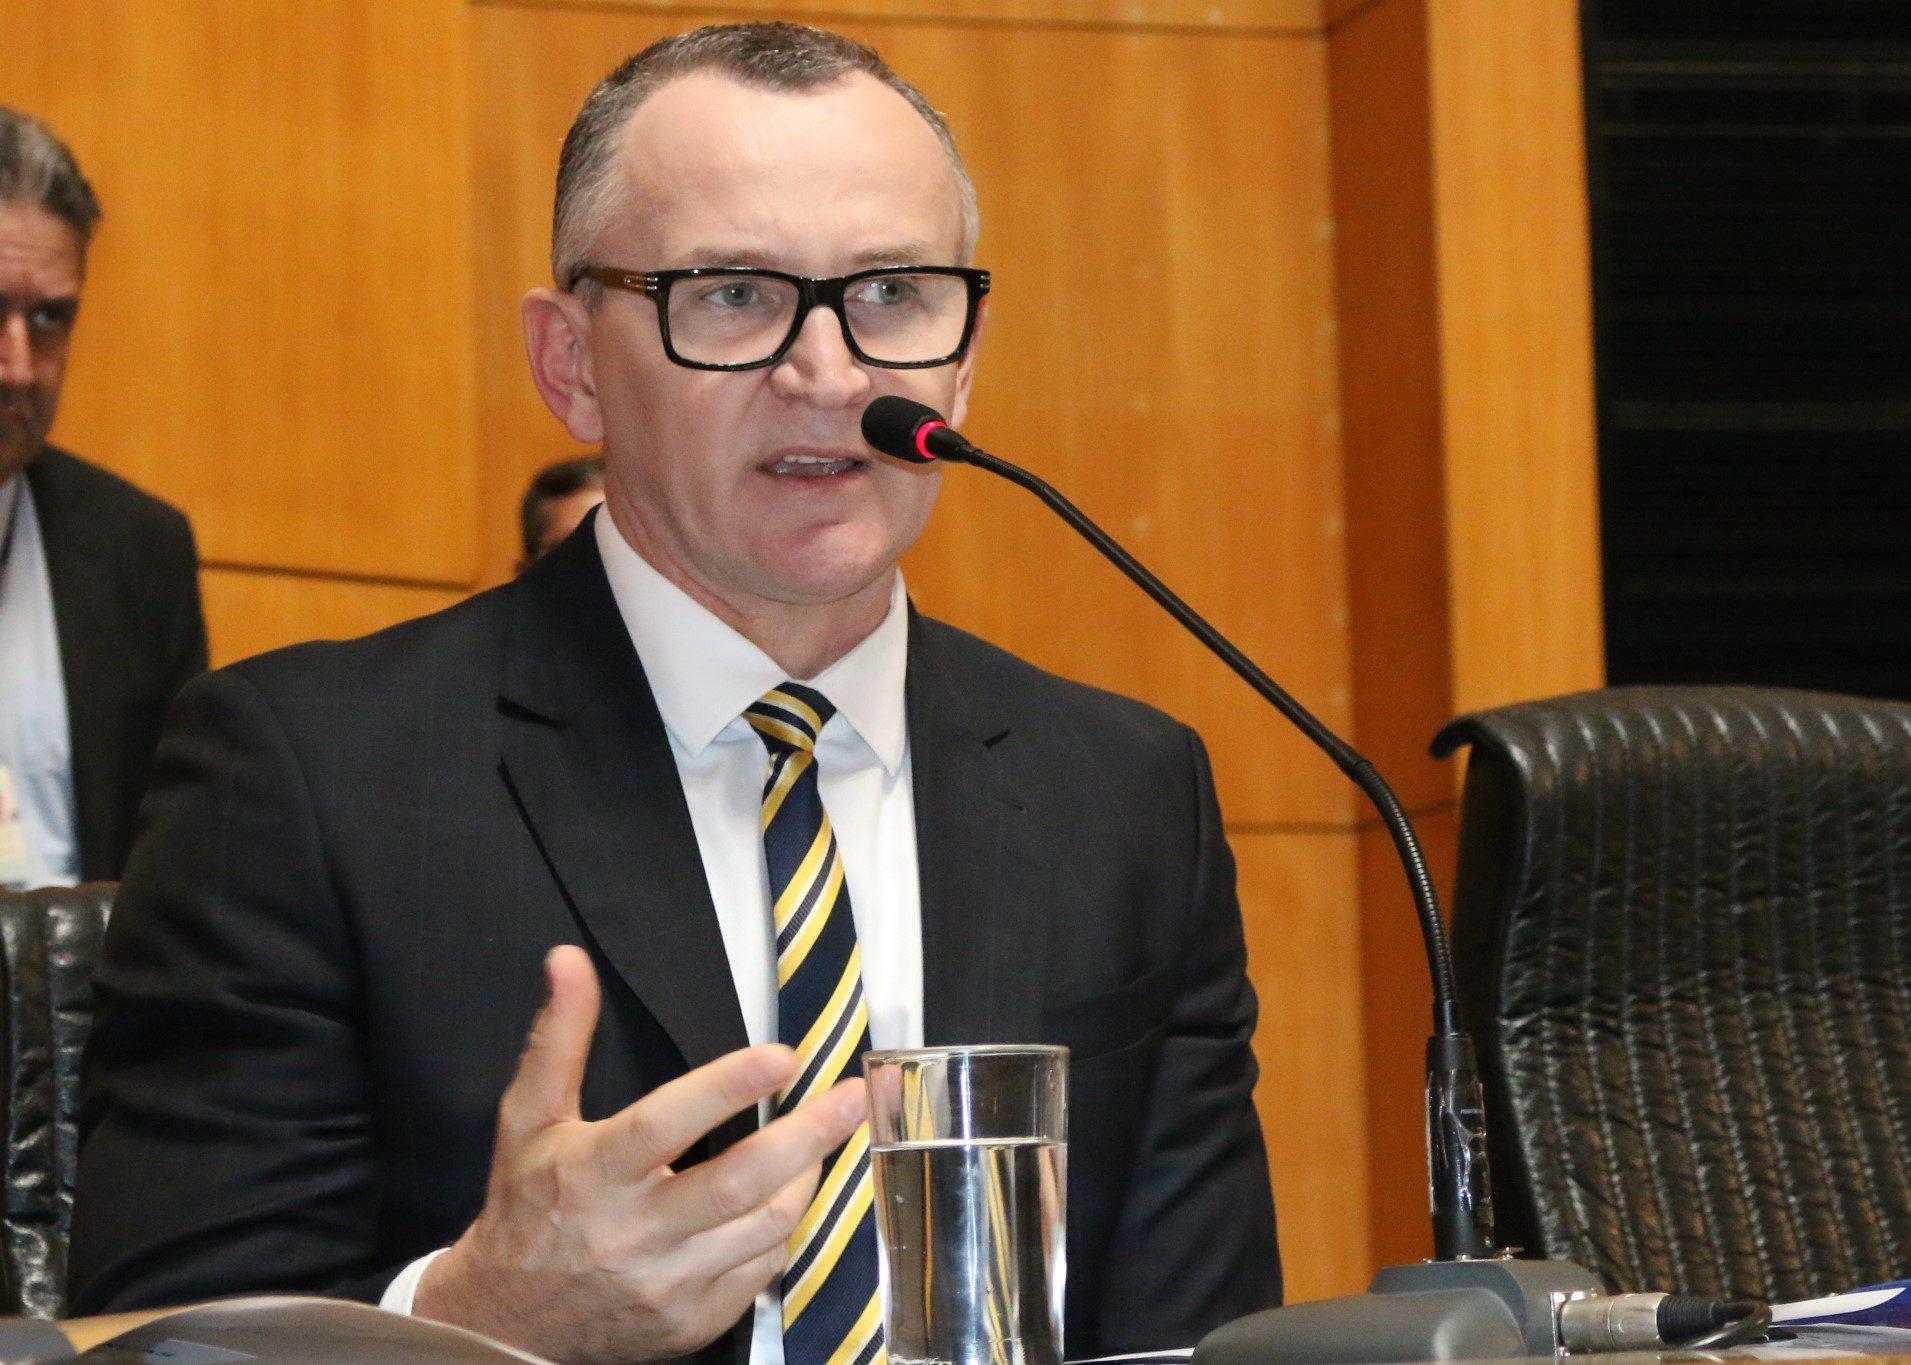 Majeski admite desistir de concorrer à prefeitura de Vitória - ESHOJE